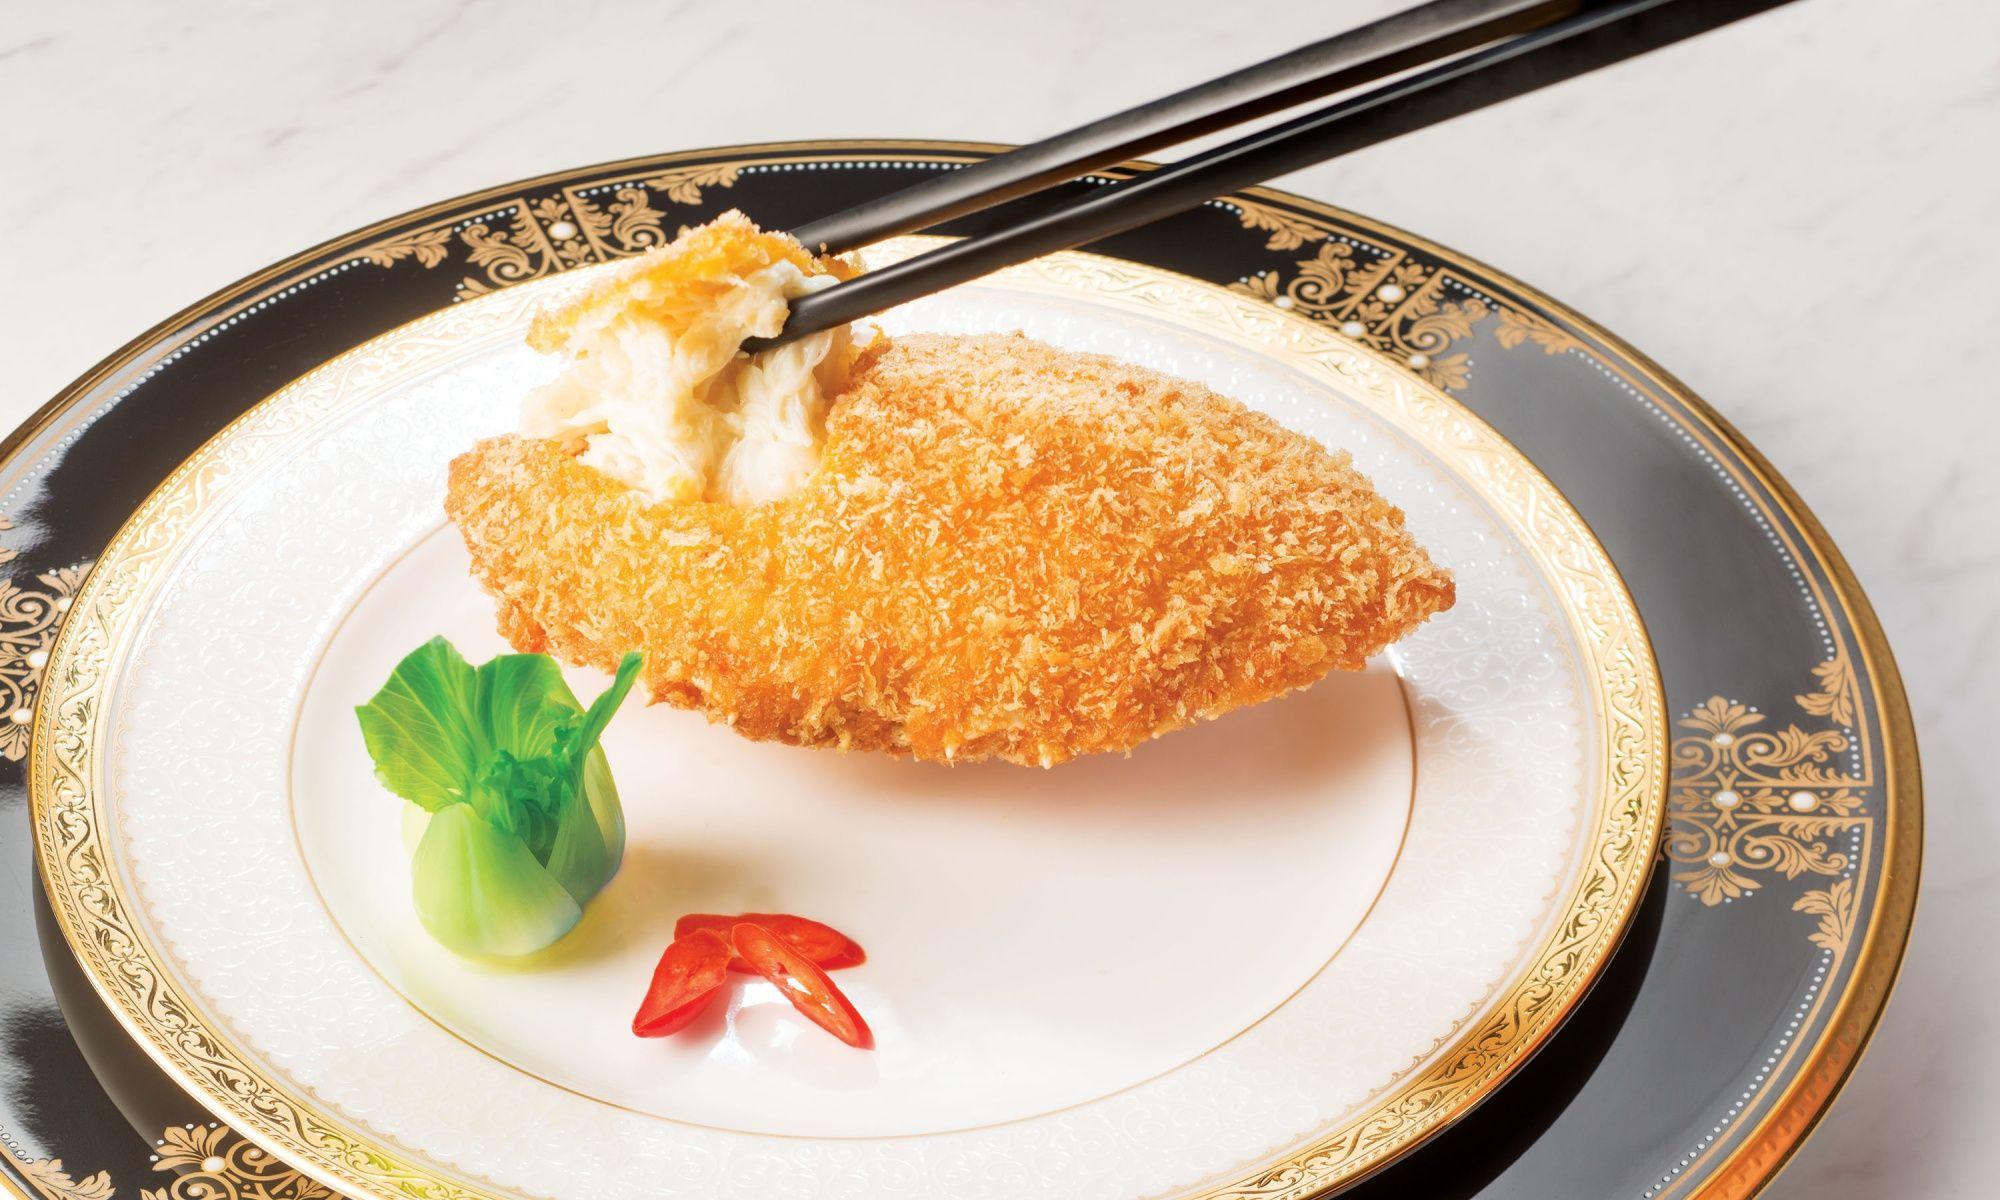 Tang-Court-Restaurant-Hong-Kong-Cantonese-Cuisine-Crab-Shell